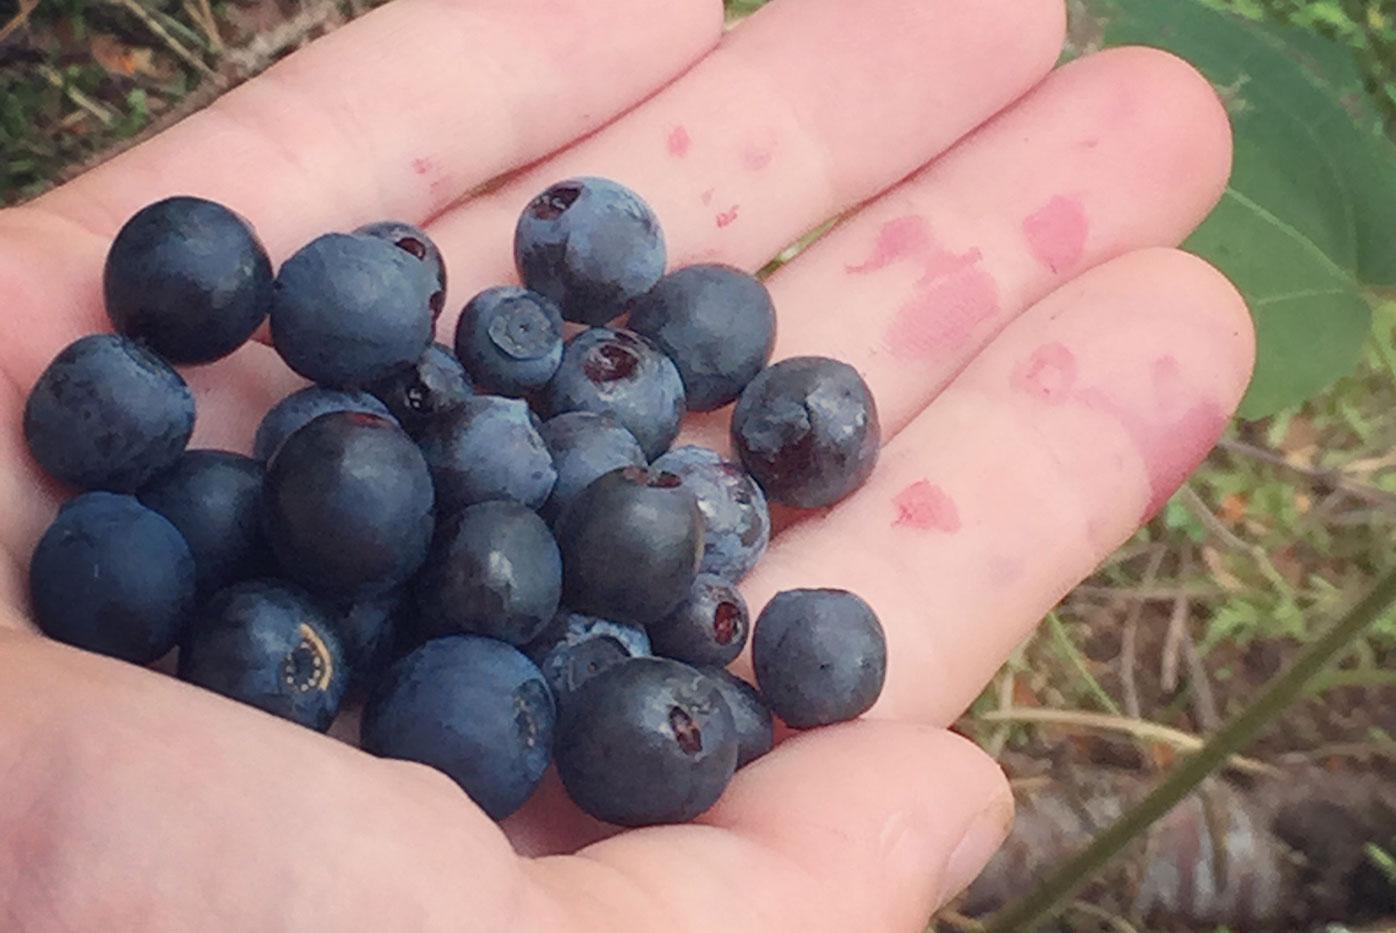 I blåbärsskogen en hand med blåbär